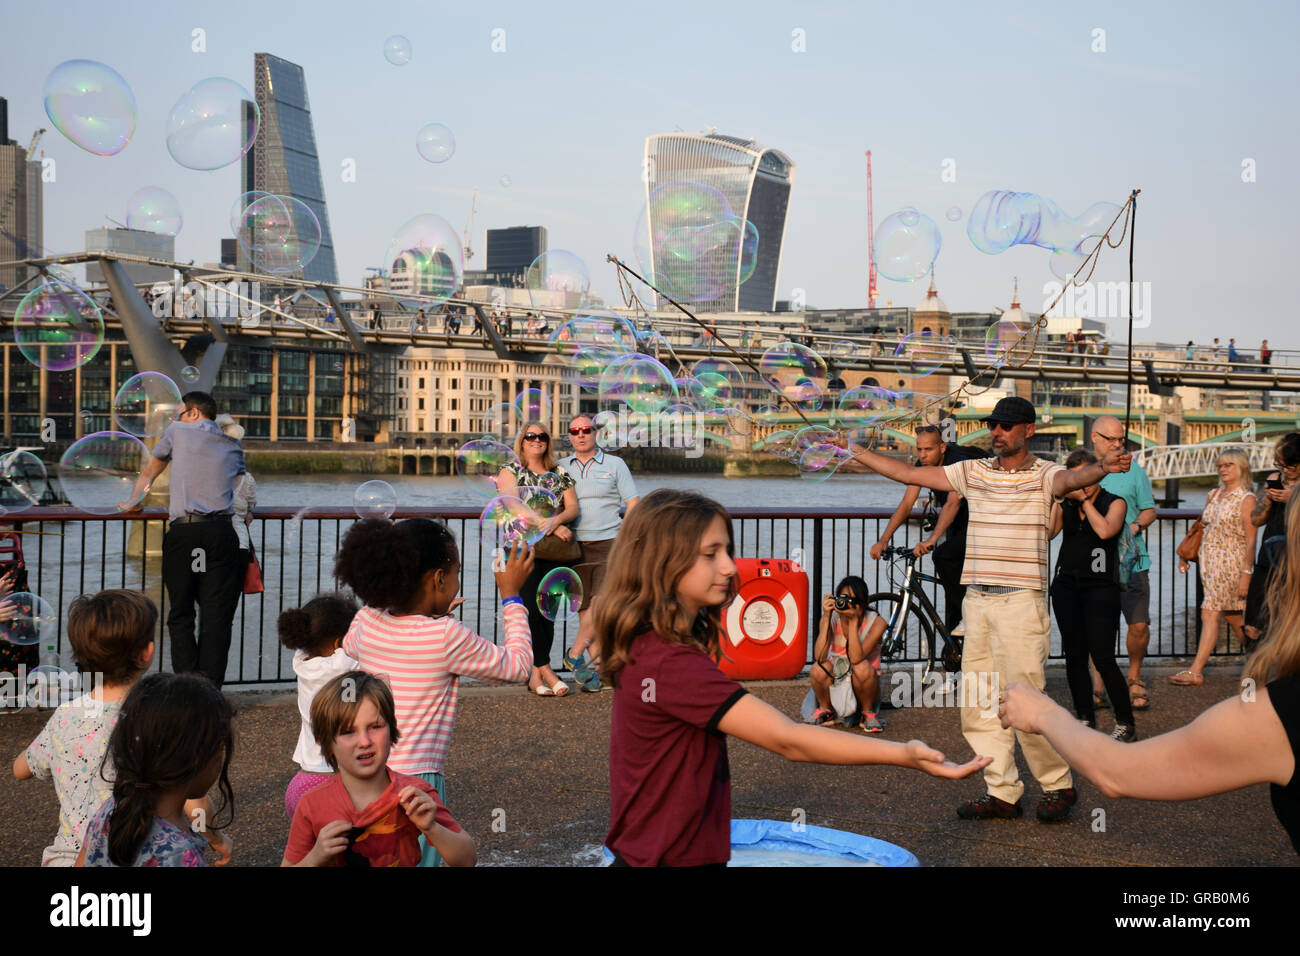 Street entertainer, Bankside, London August 2016 UK - Stock Image